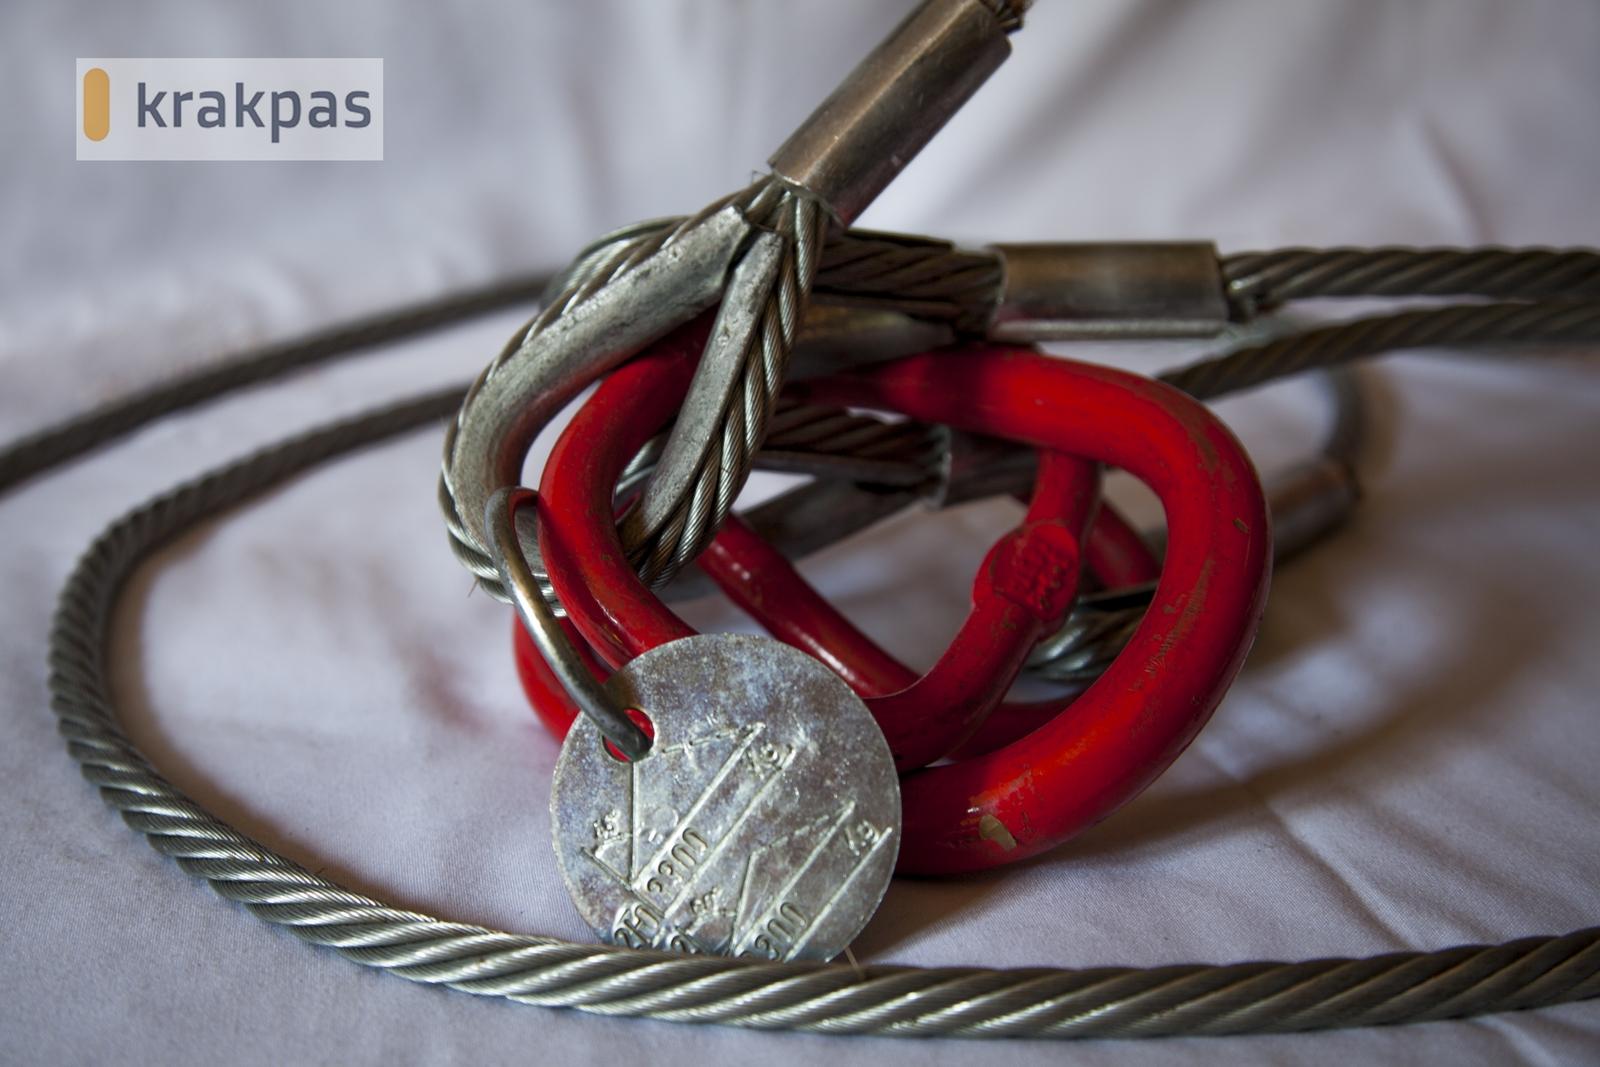 zawiesie linowe dwupetlowe